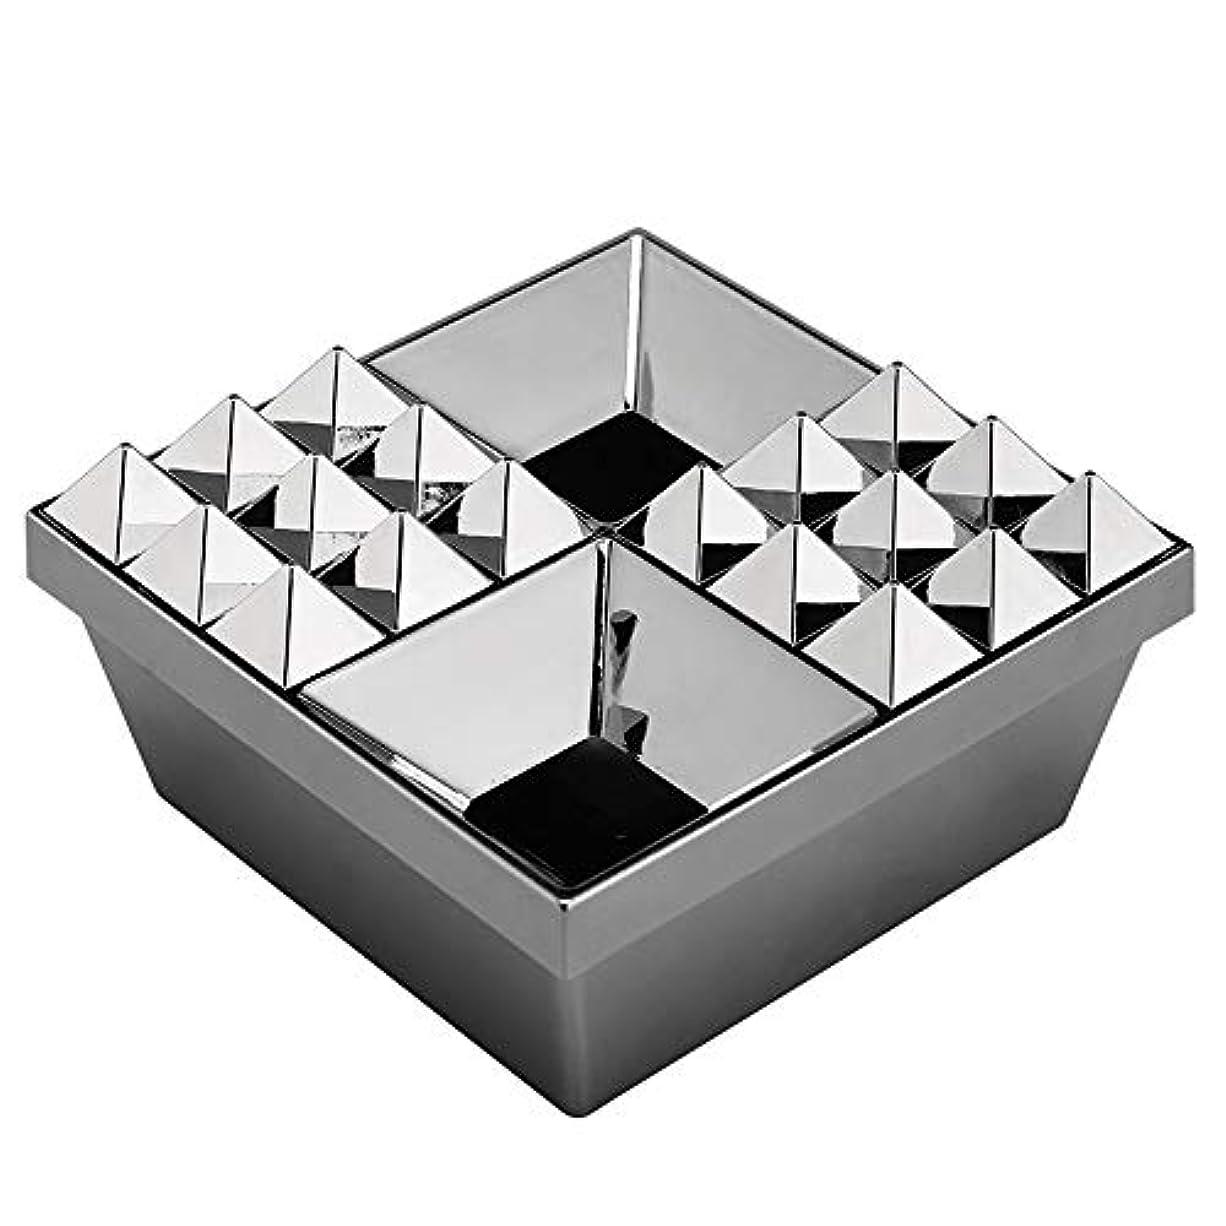 ネクタイに負ける引き出しふたの家の装飾とタバコの創造的な灰皿のための灰皿 (色 : 銀)